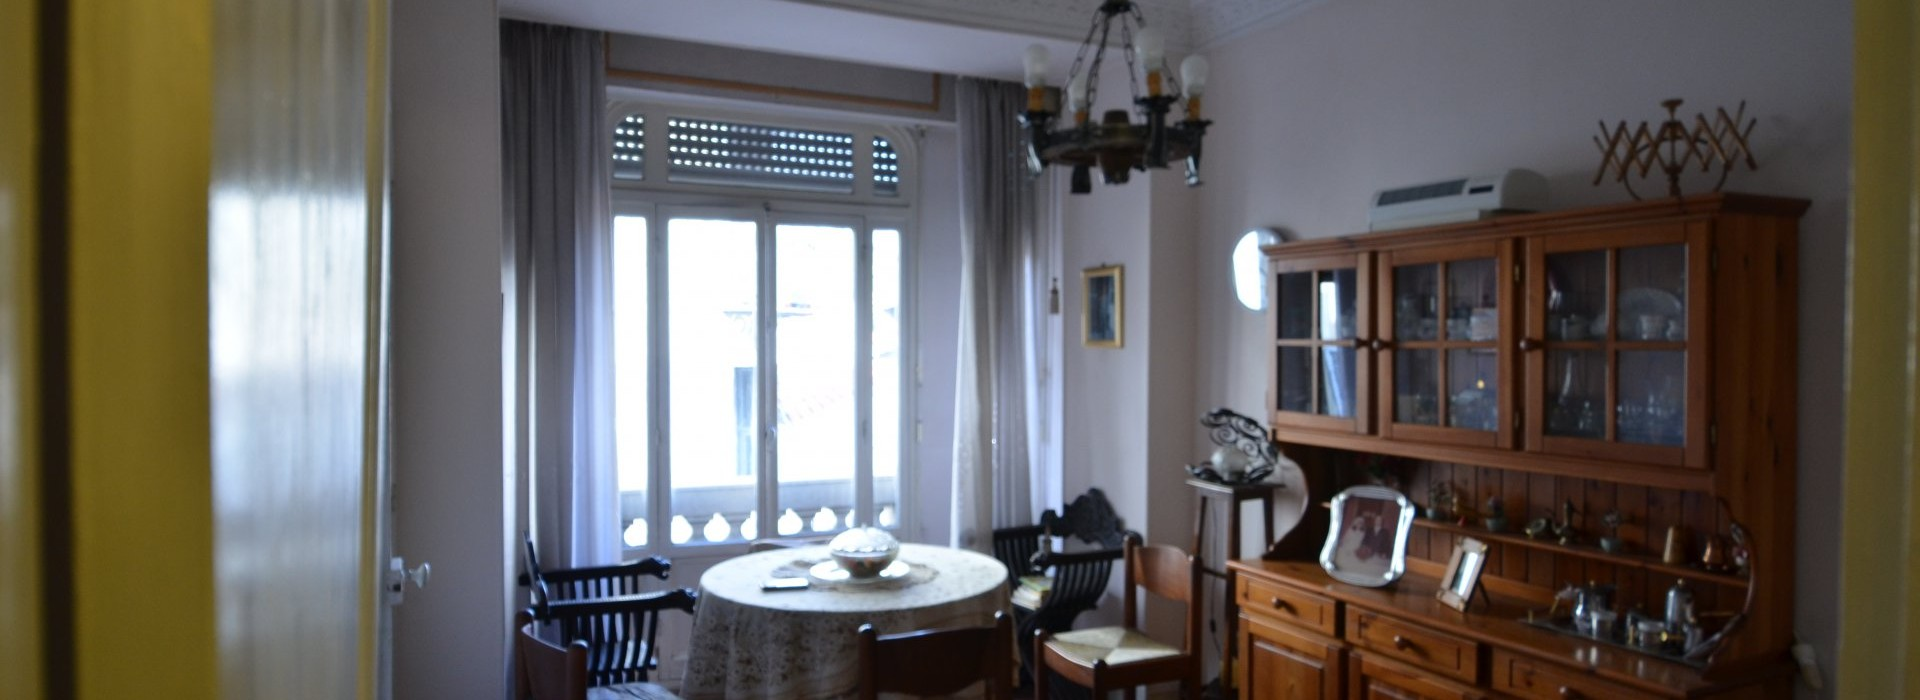 Appartement Nice 3 Pièces 65m2 180,200€